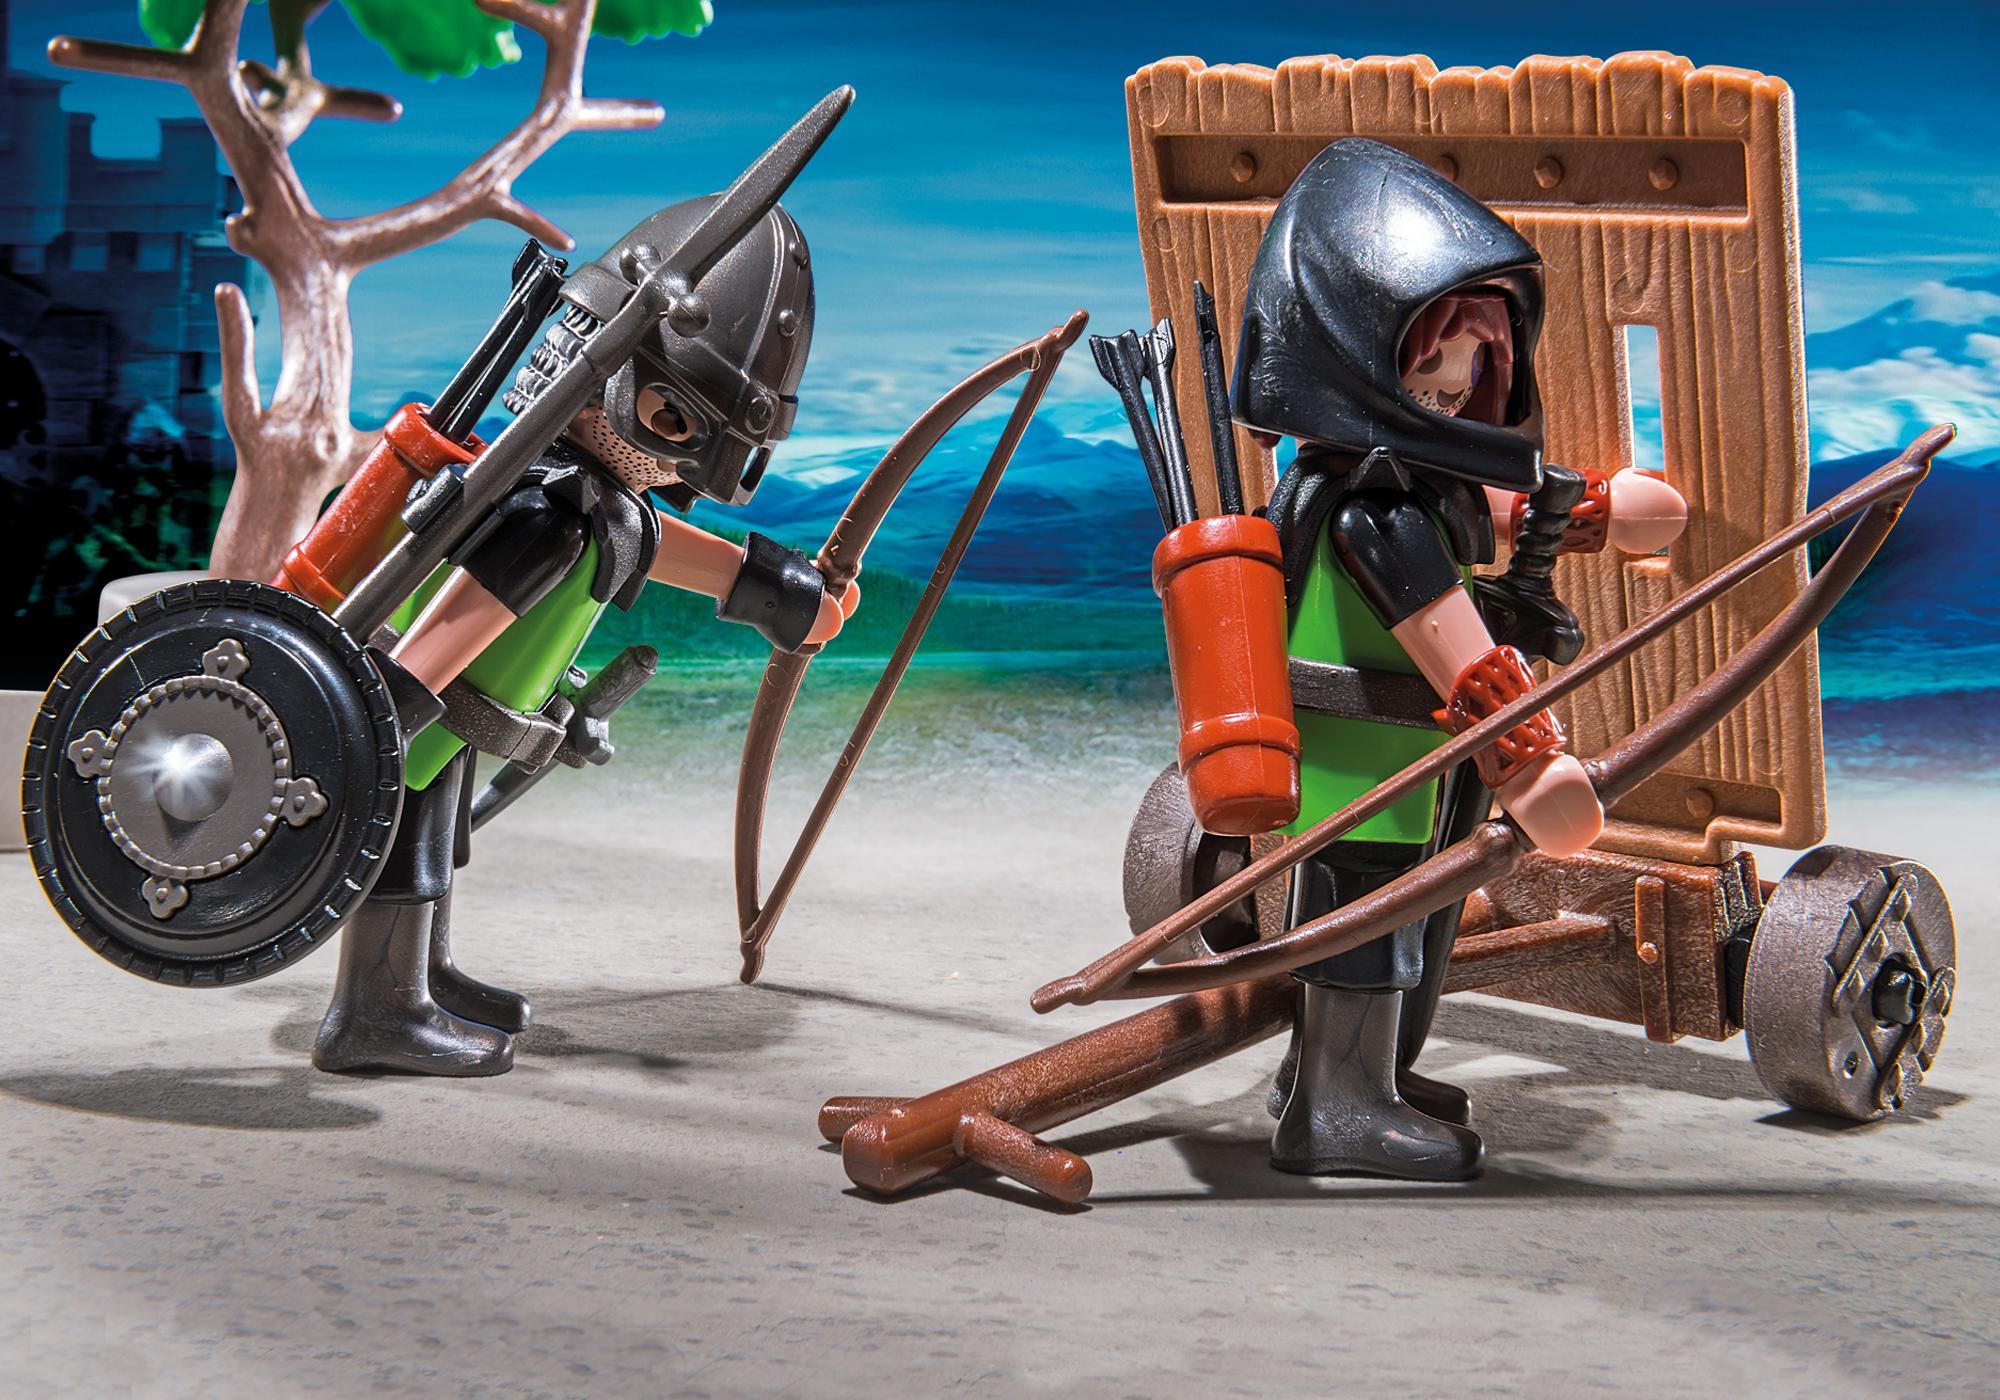 http://media.playmobil.com/i/playmobil/6041_product_extra1/Oddział bojowy rycerzy herbu Wilk